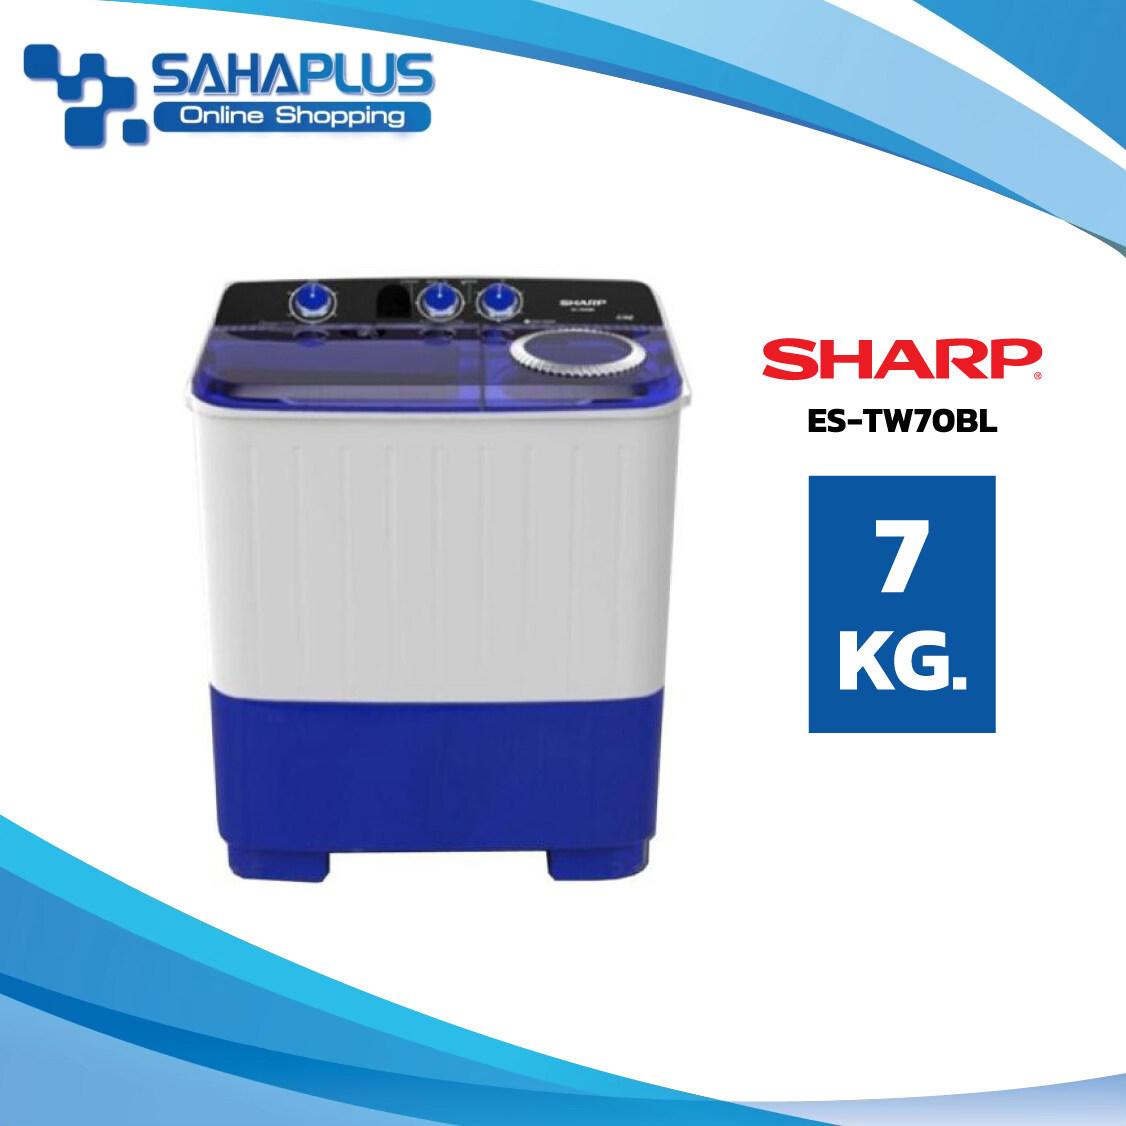 เครื่องซักผ้า SHARP รุ่น ES-TW70BL ขนาด 7 Kg. ( รับประกันนาน 5 ปี )